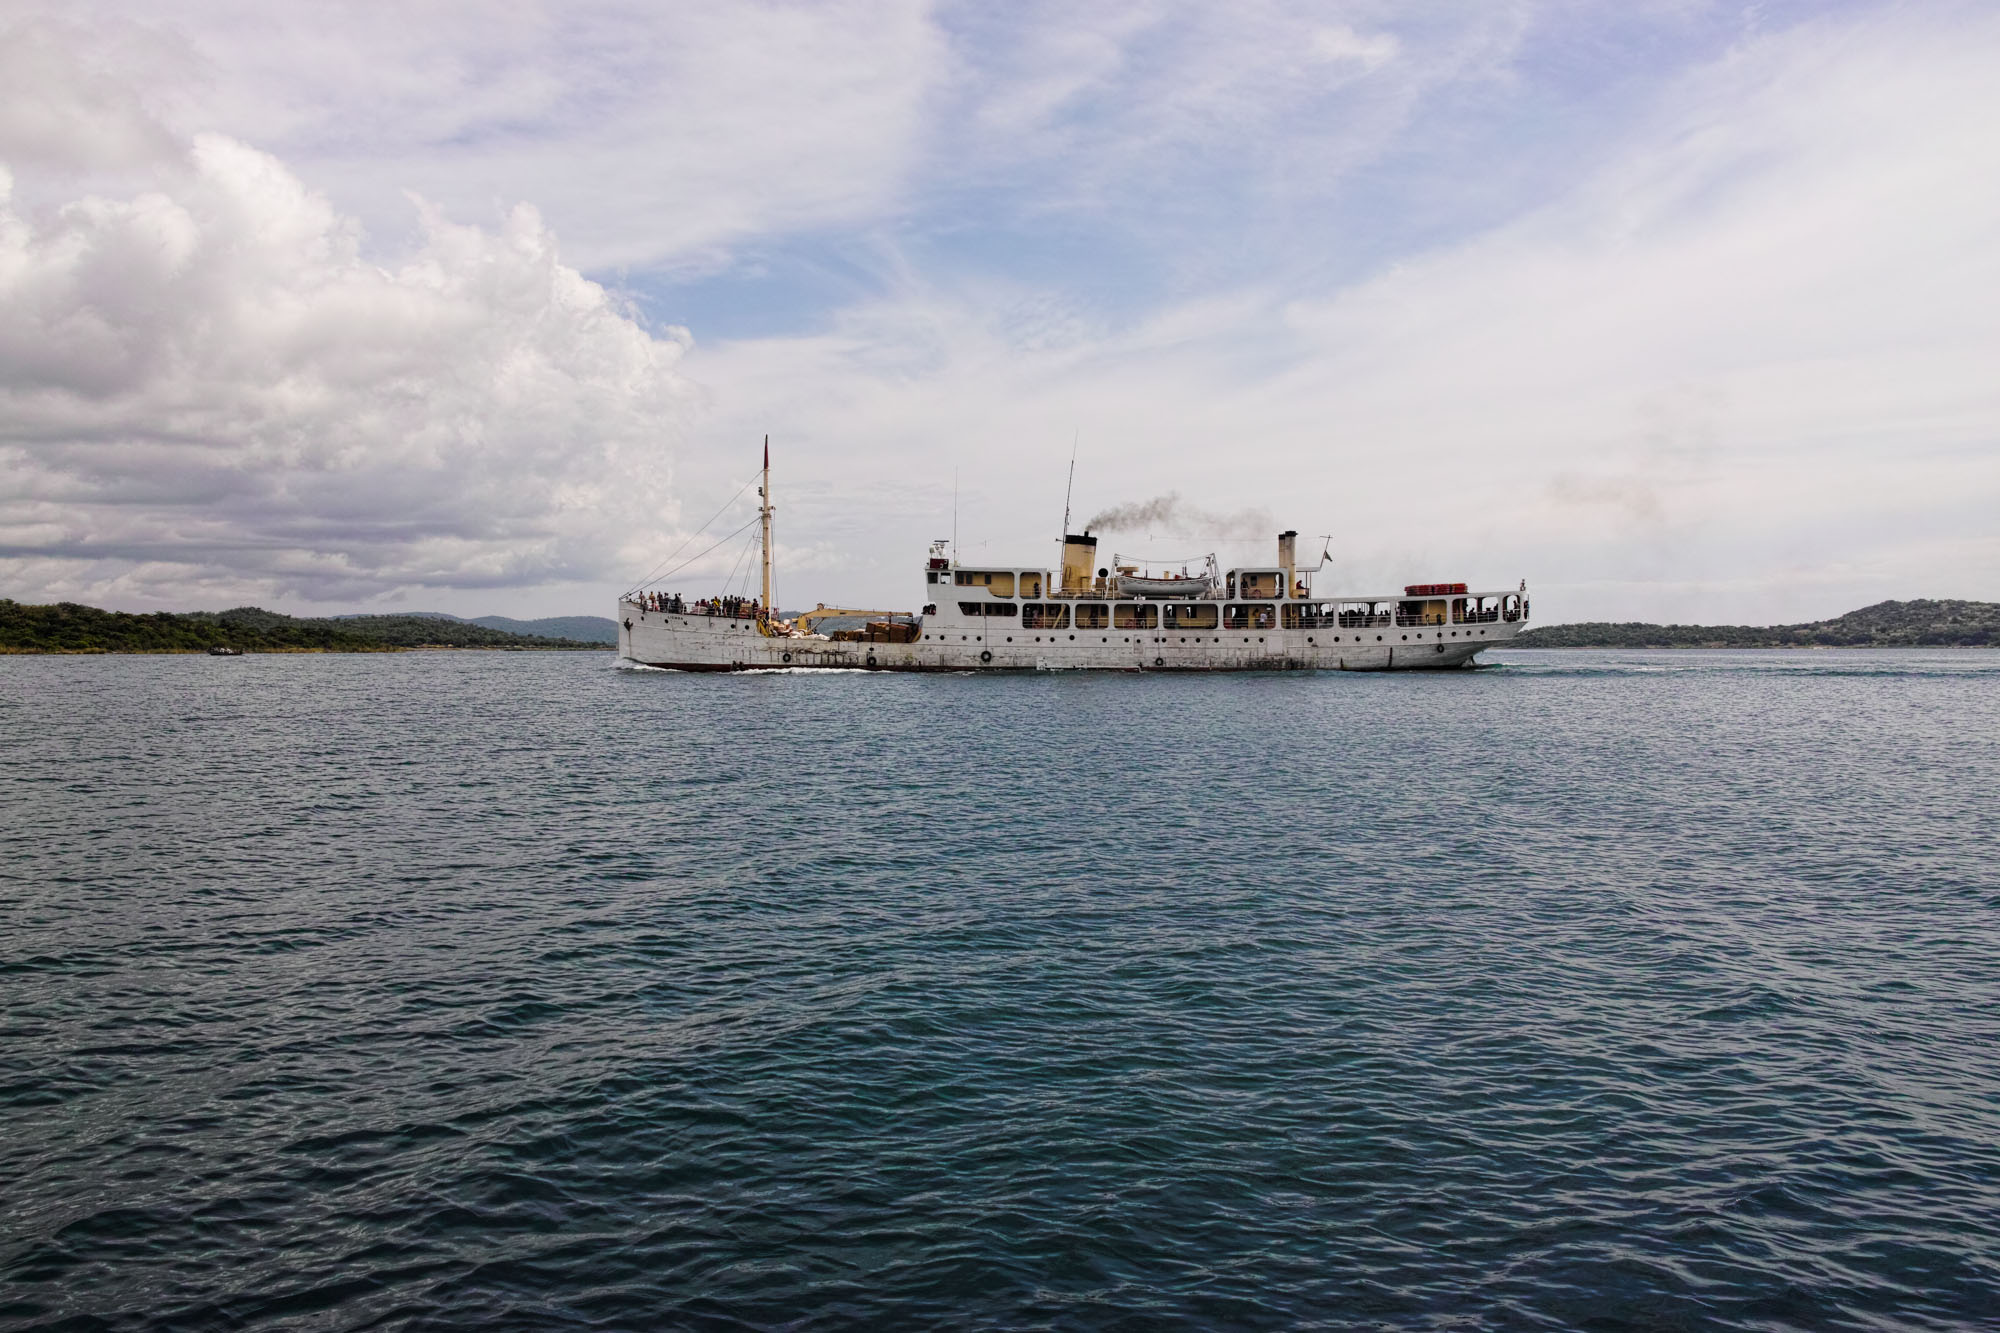 MV Liemba